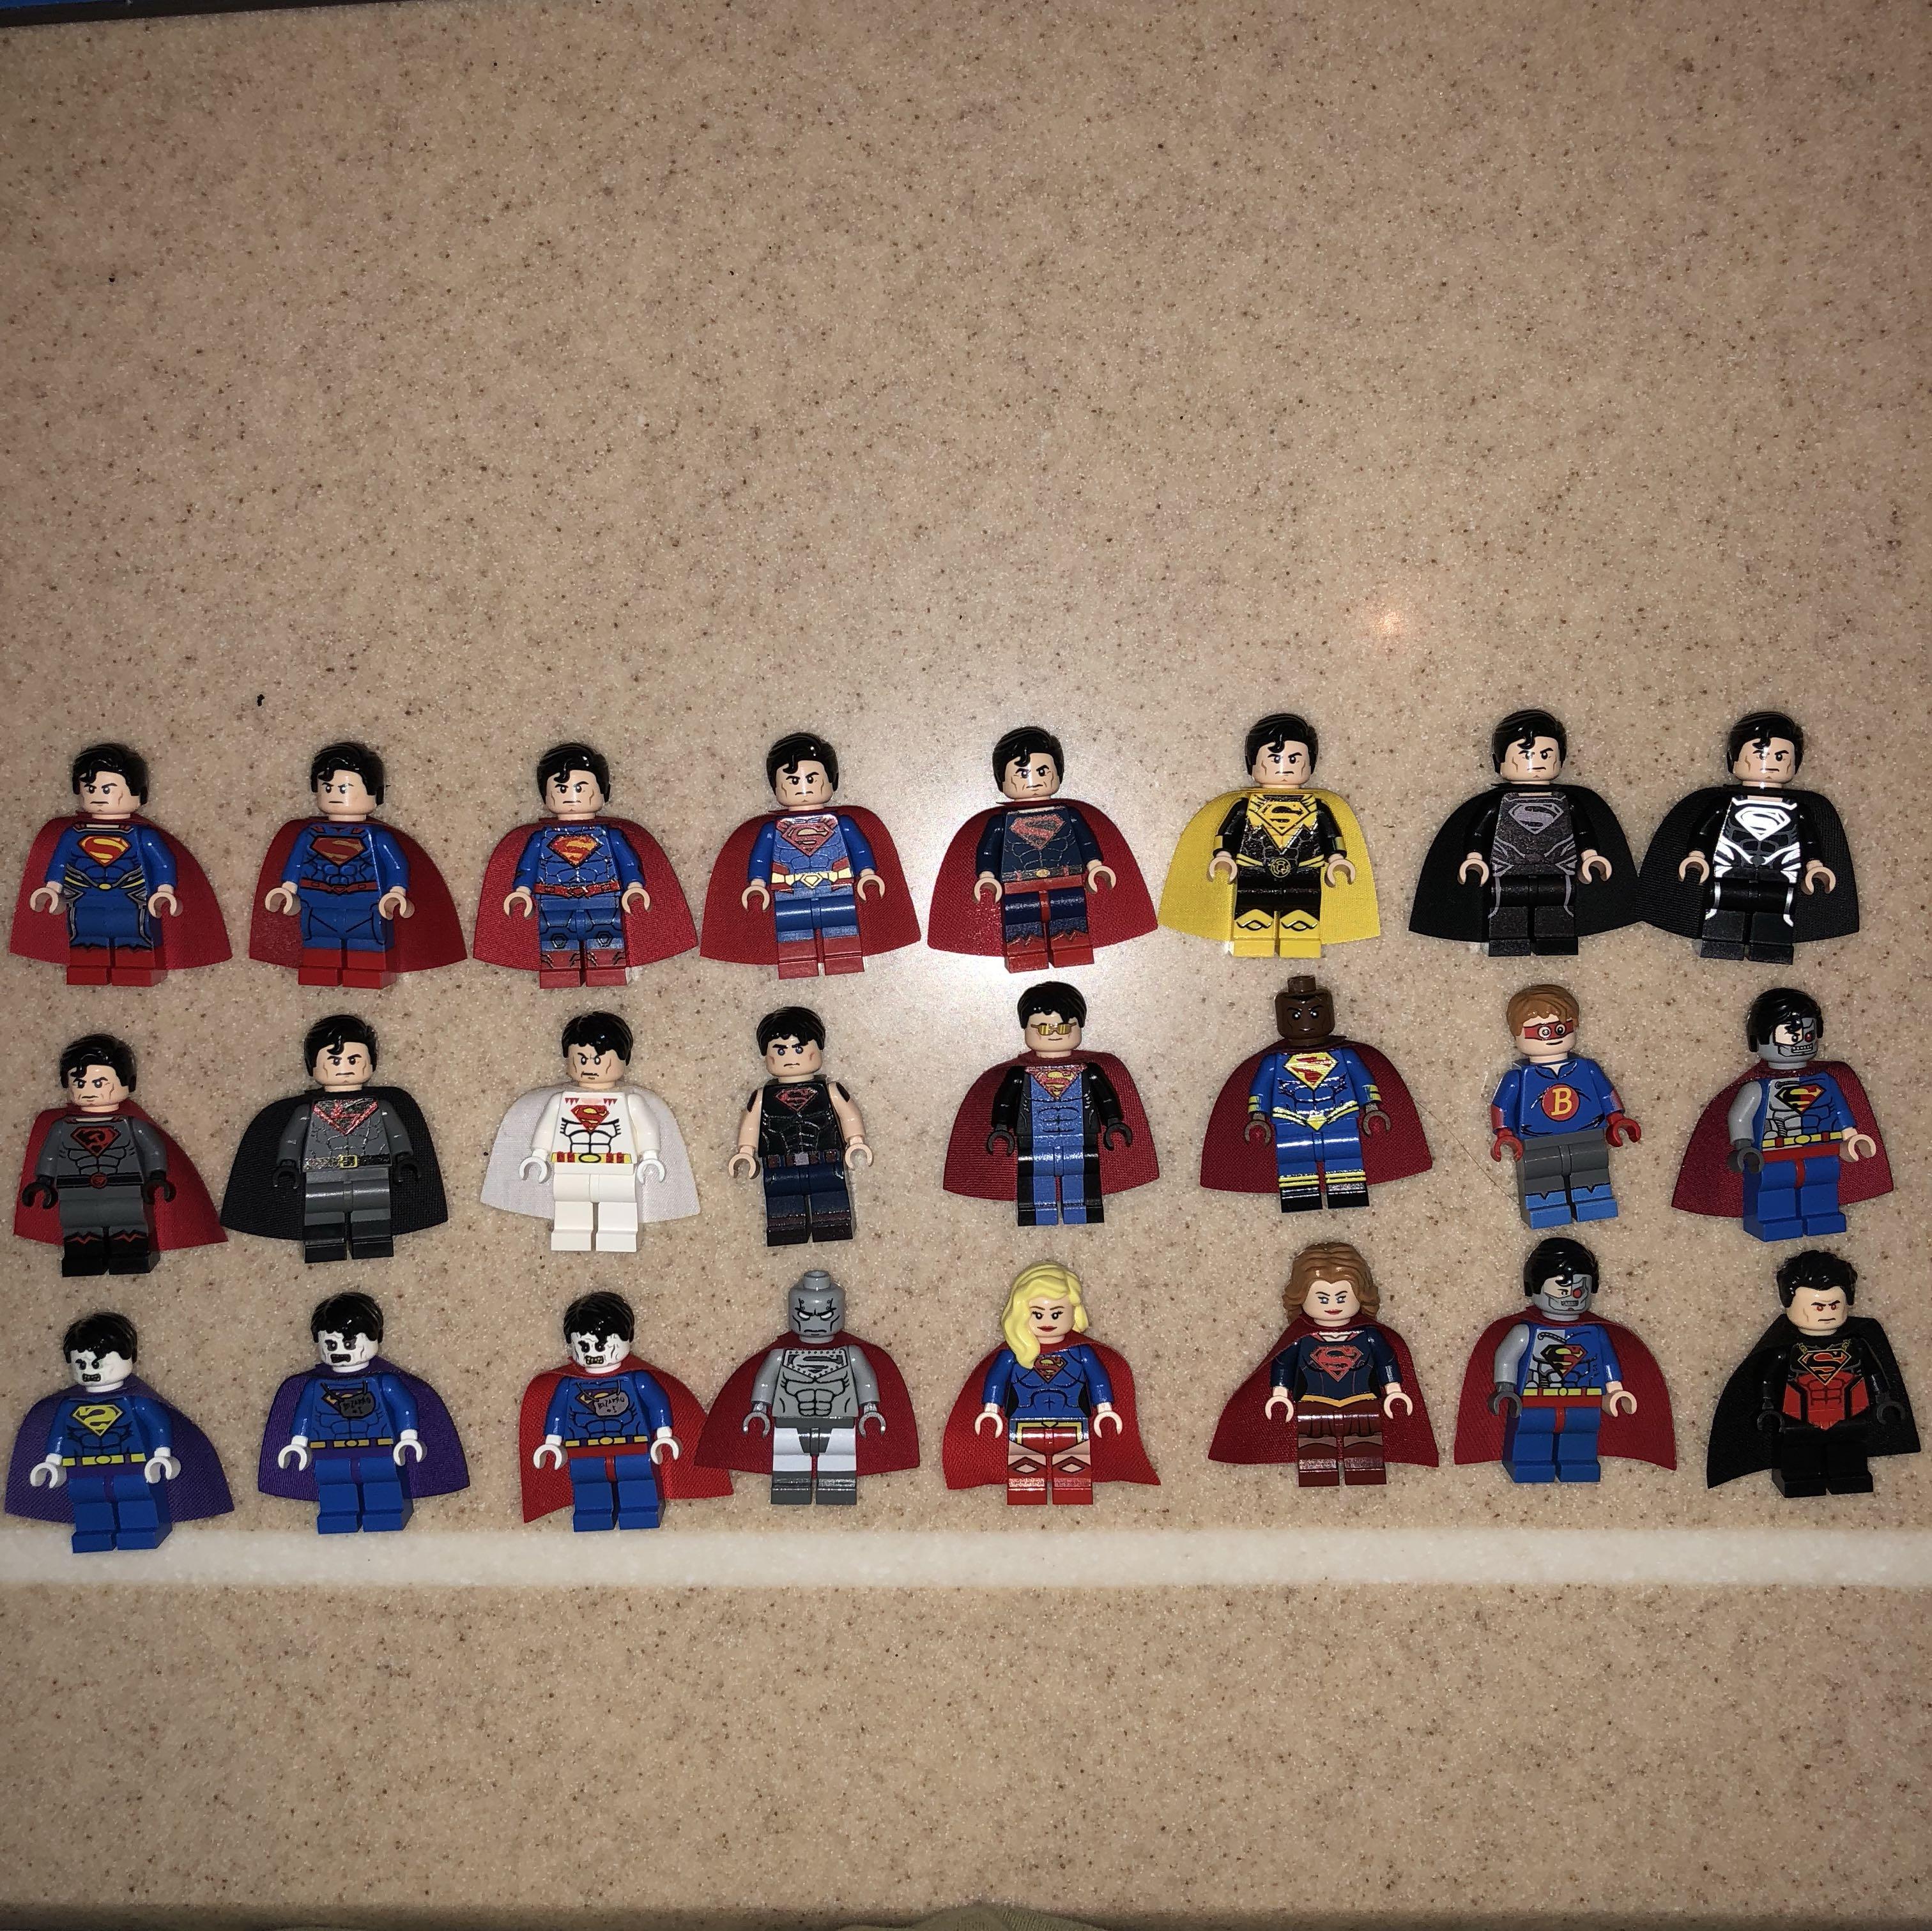 22 PCS ORIGINAL CUSTOM LEGO MINIFIGS MINIFIGURES SUPERMAN AND SUPERGIRL  MARVEL DC SUPERHEROES NEW UNUSED